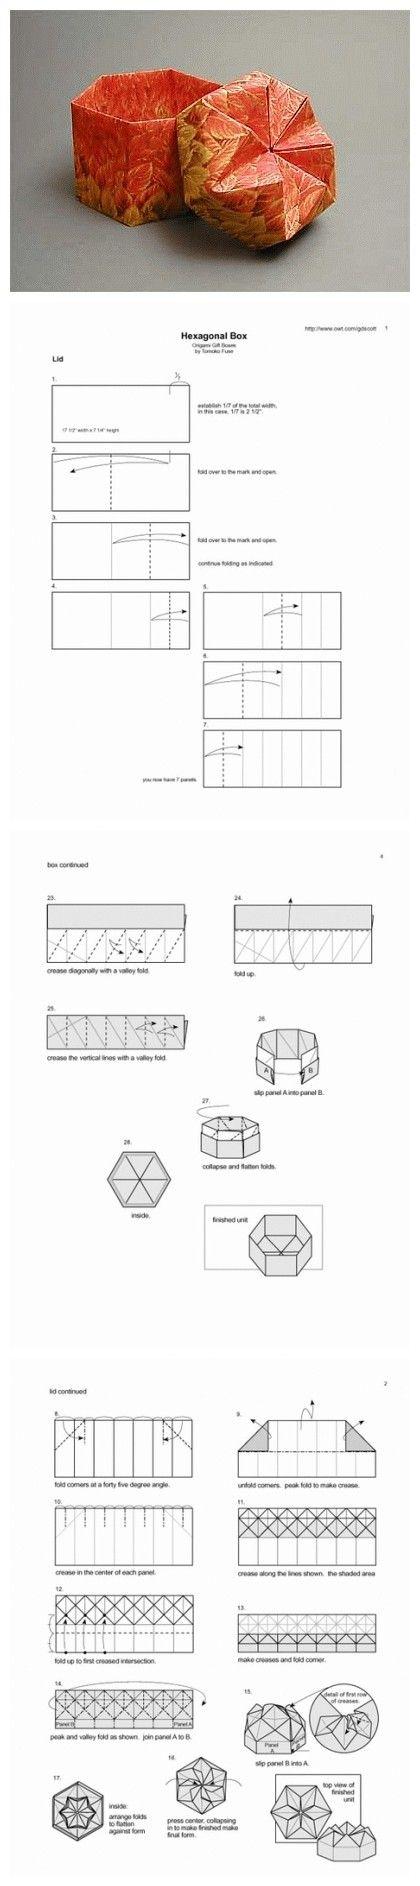 Origami Box 2